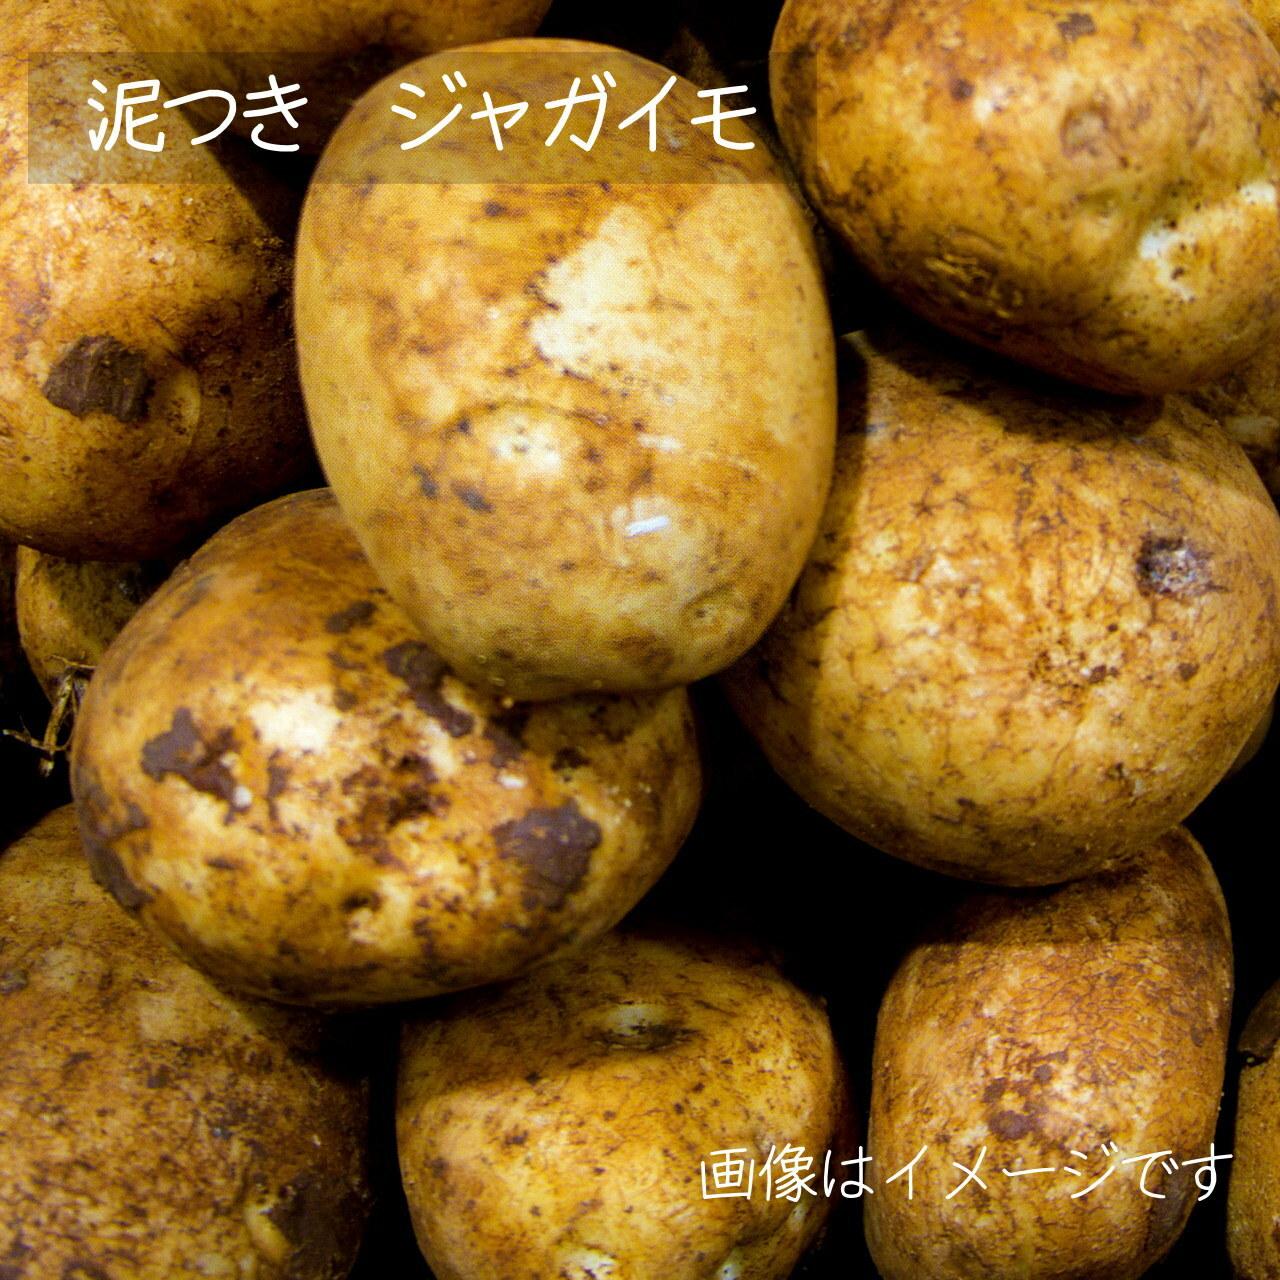 5月の朝採り直売野菜:ジャガイモ 4~5個 春の新鮮野菜 5月16日発送予定